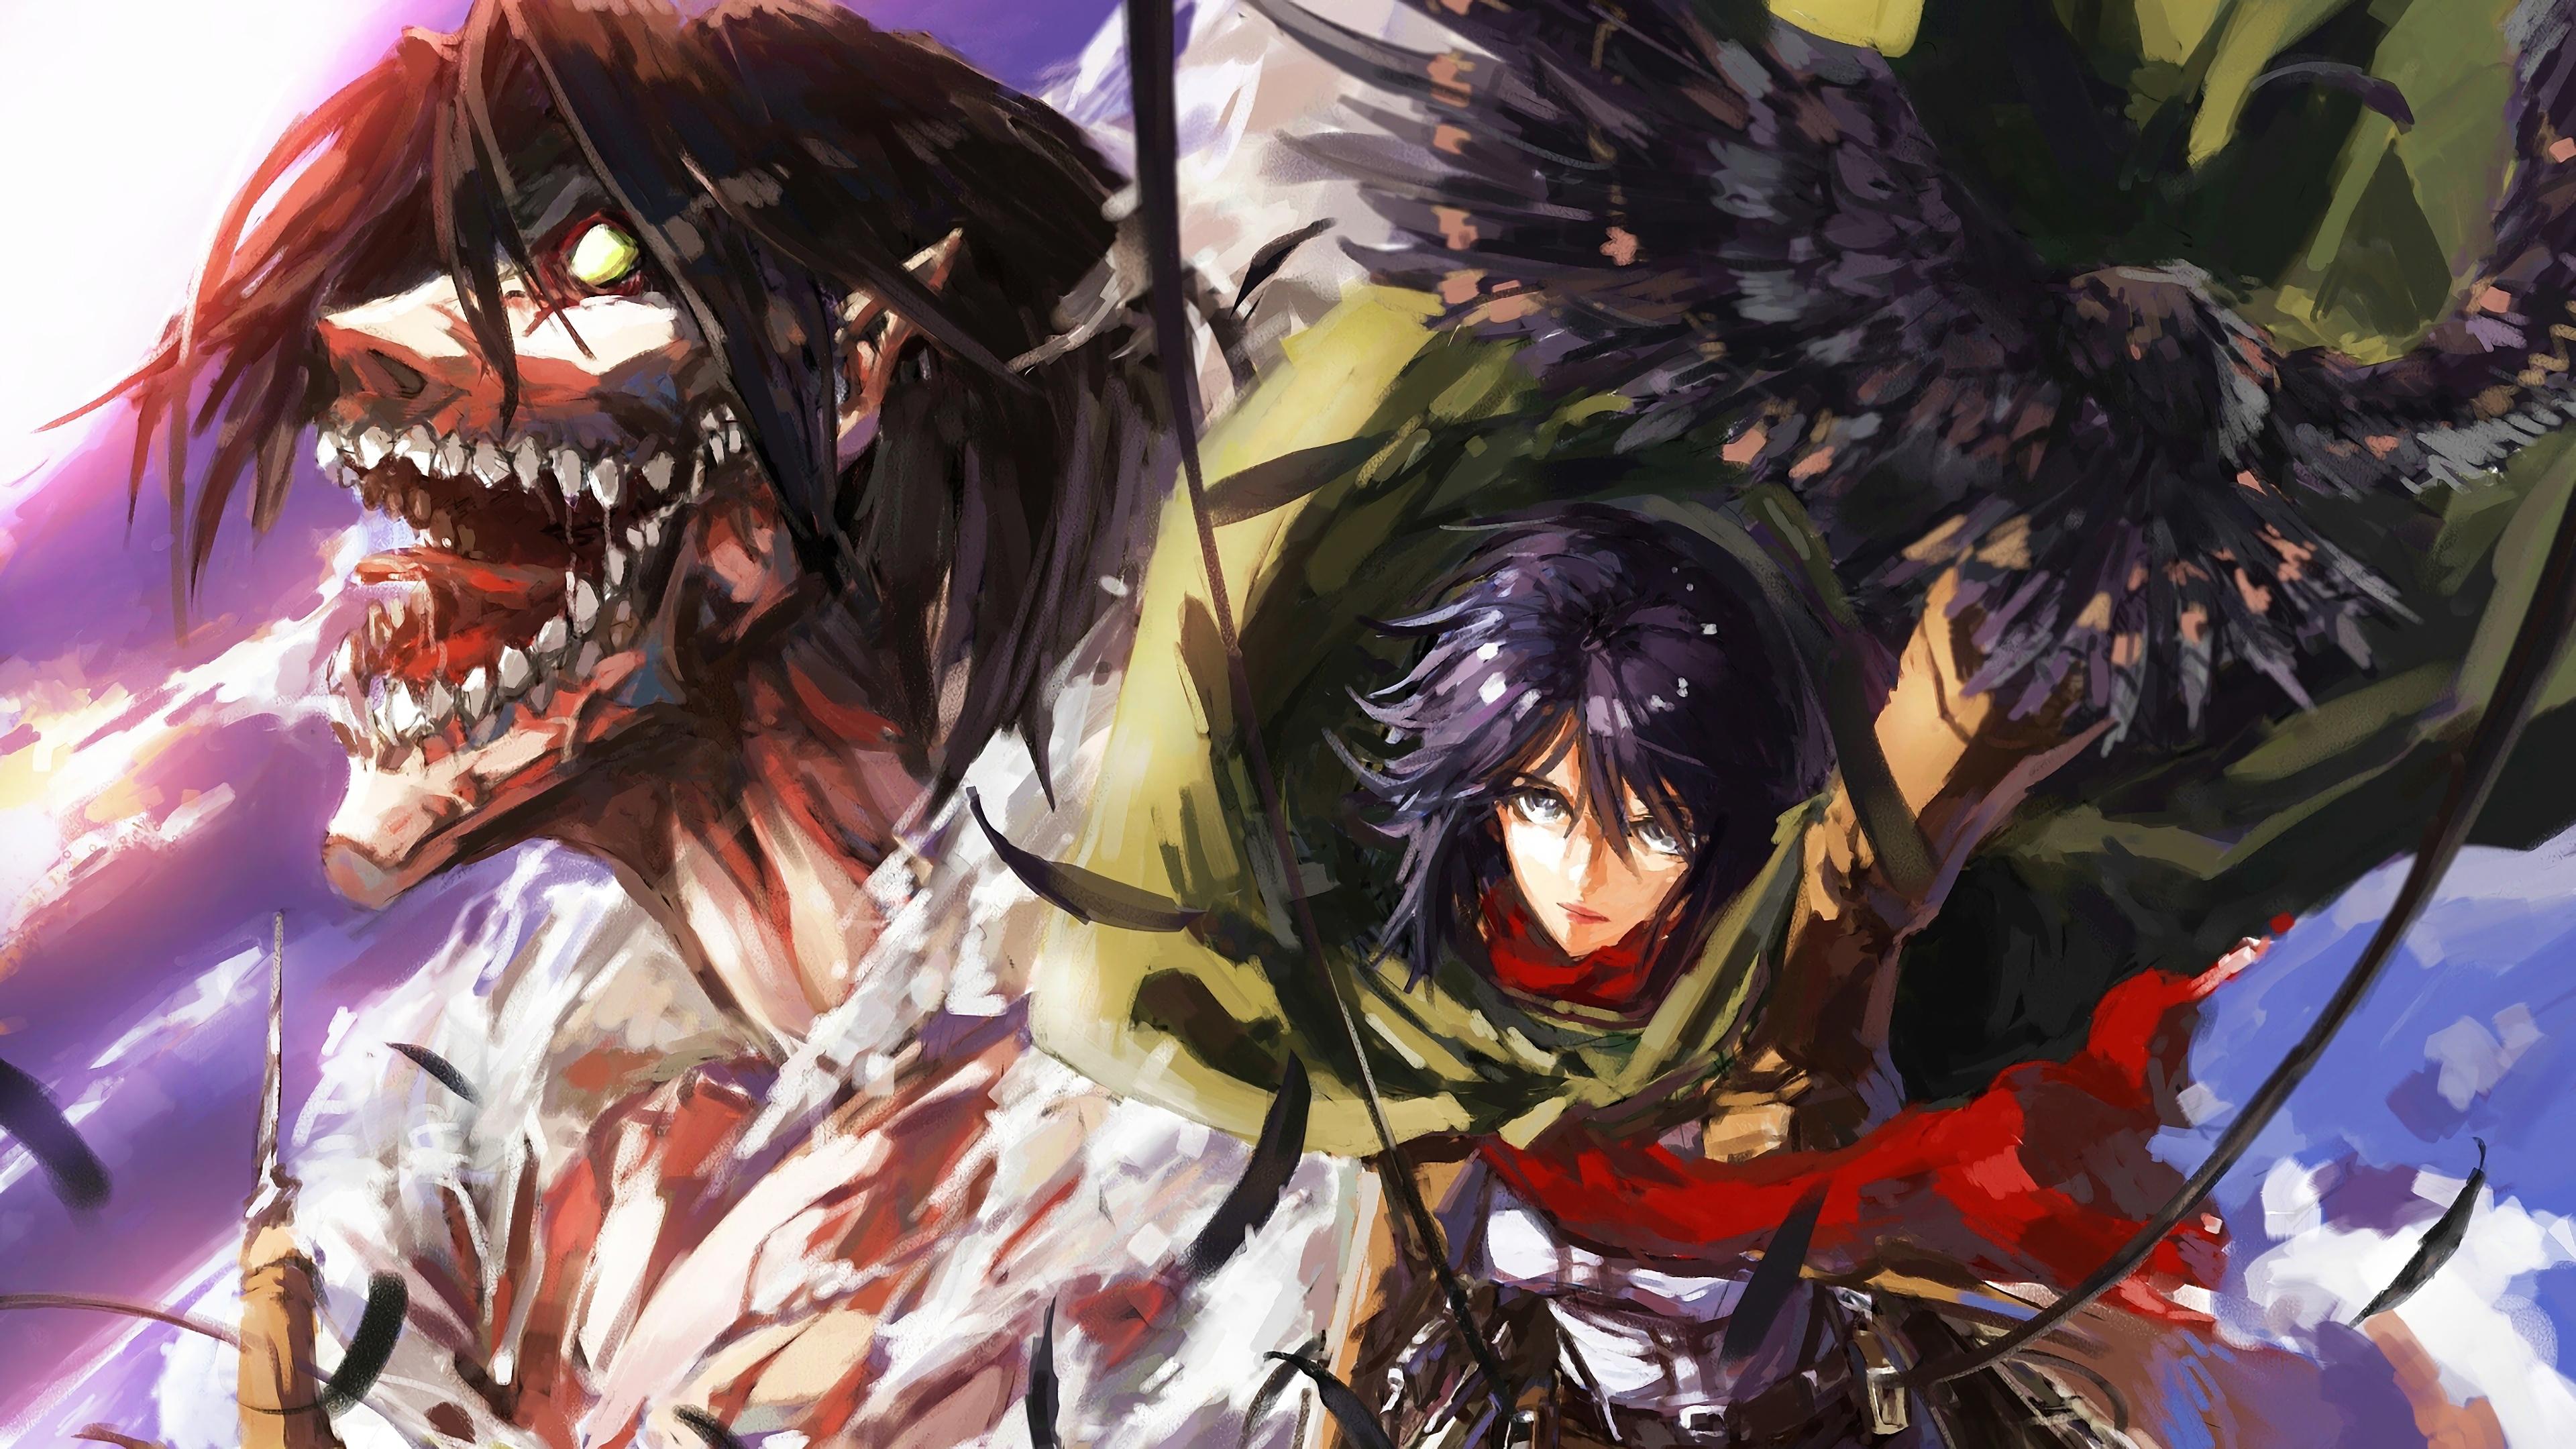 Hajime isayama, kodansha/''attack on titan'' production committee attack on titan has taken the anime world by storm. Mikasa, Attack Titan, Attack on Titan, 4K, #48 Wallpaper